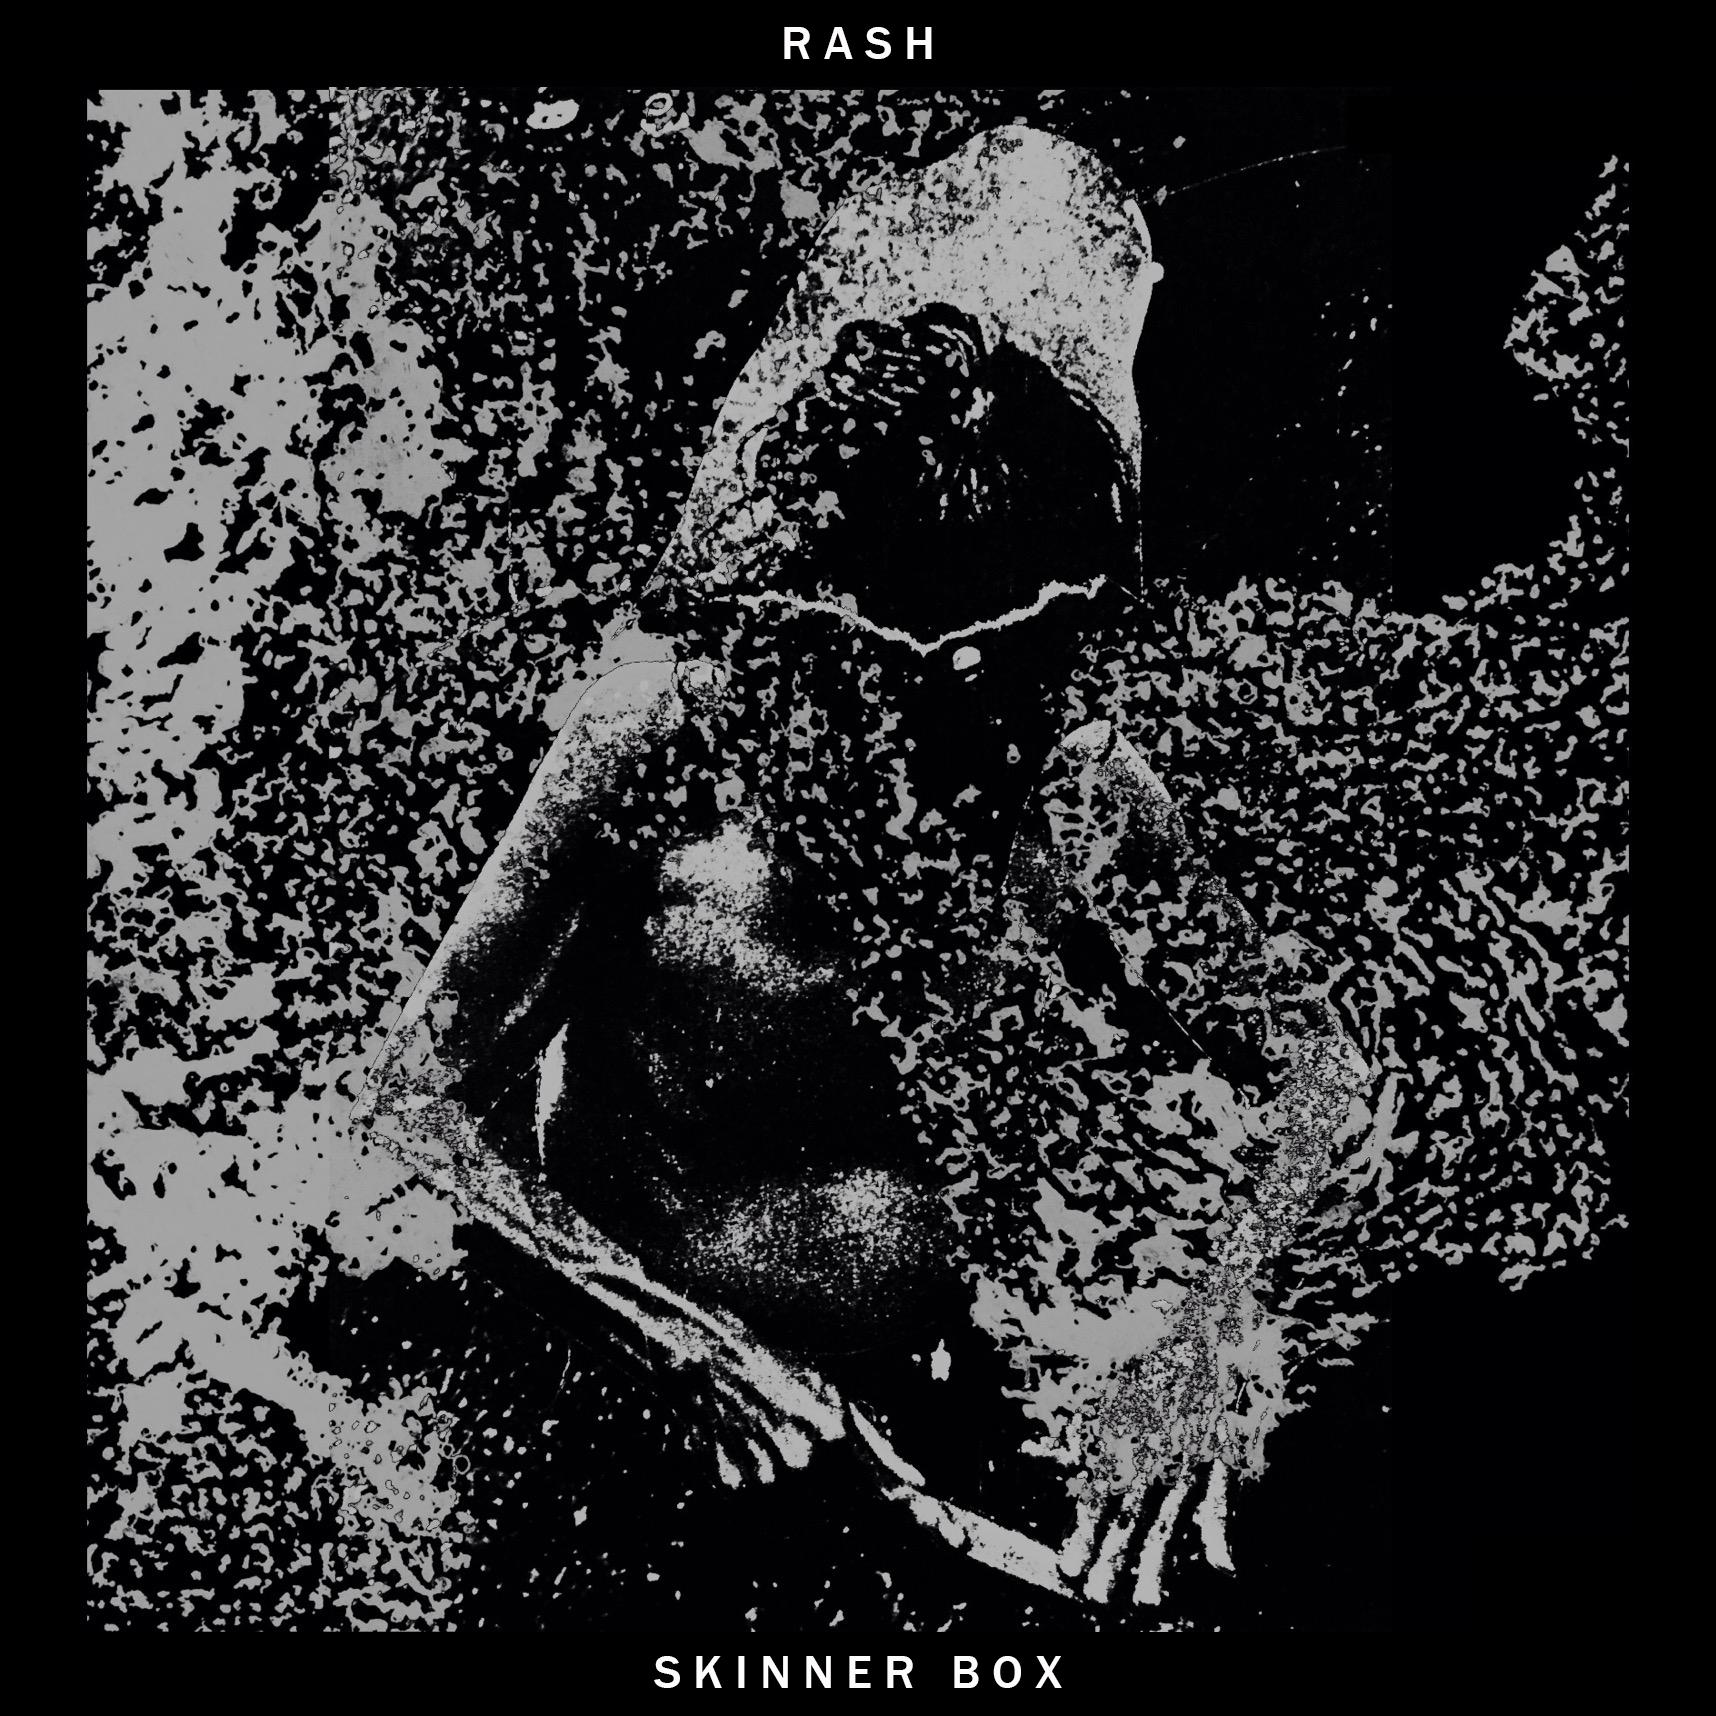 - Rash - Skinner Box LPHFI - 008